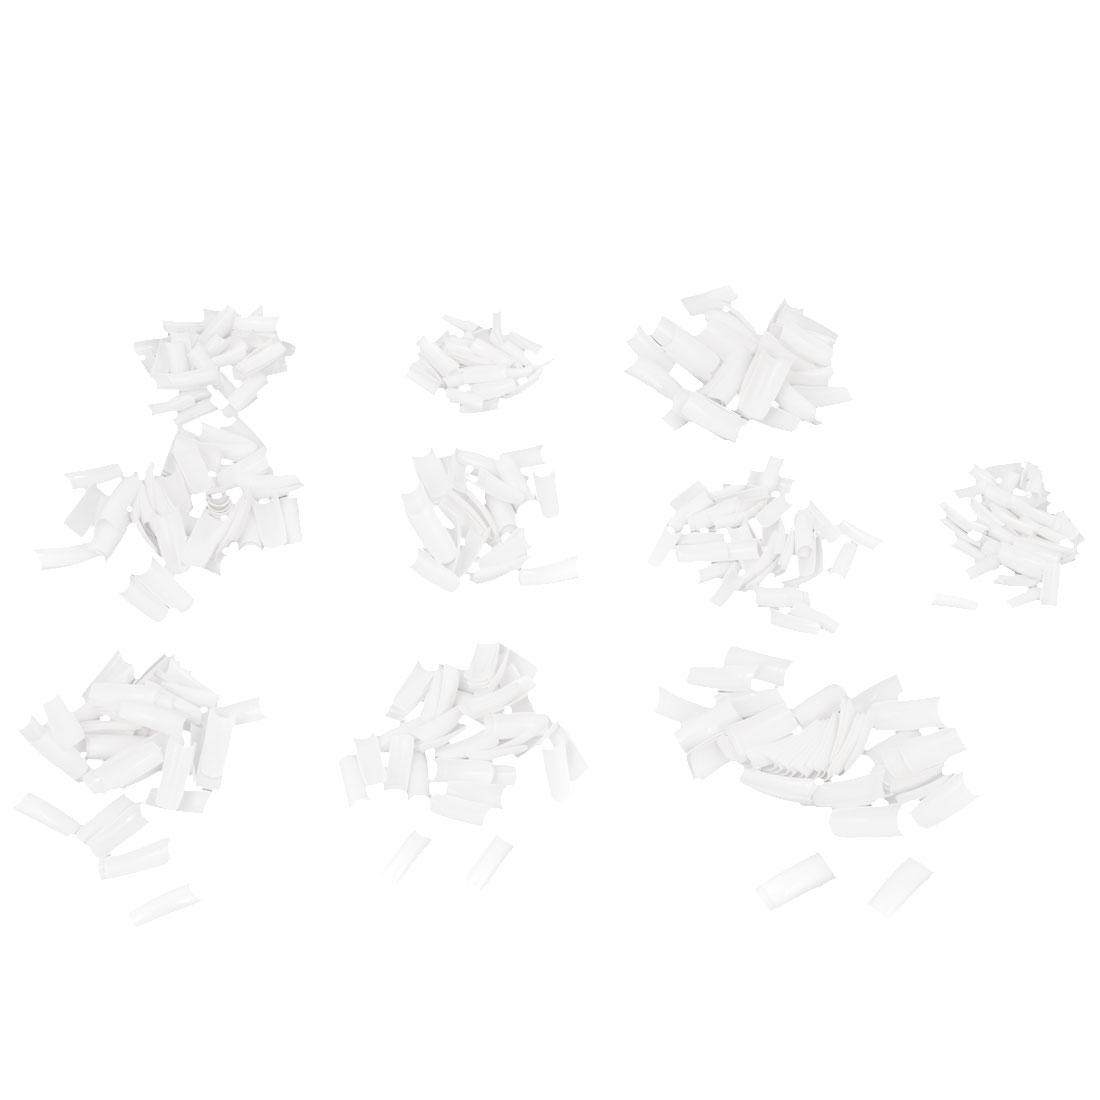 500pcs 10 Different Size White False Fingernail Nail Art Half Tips